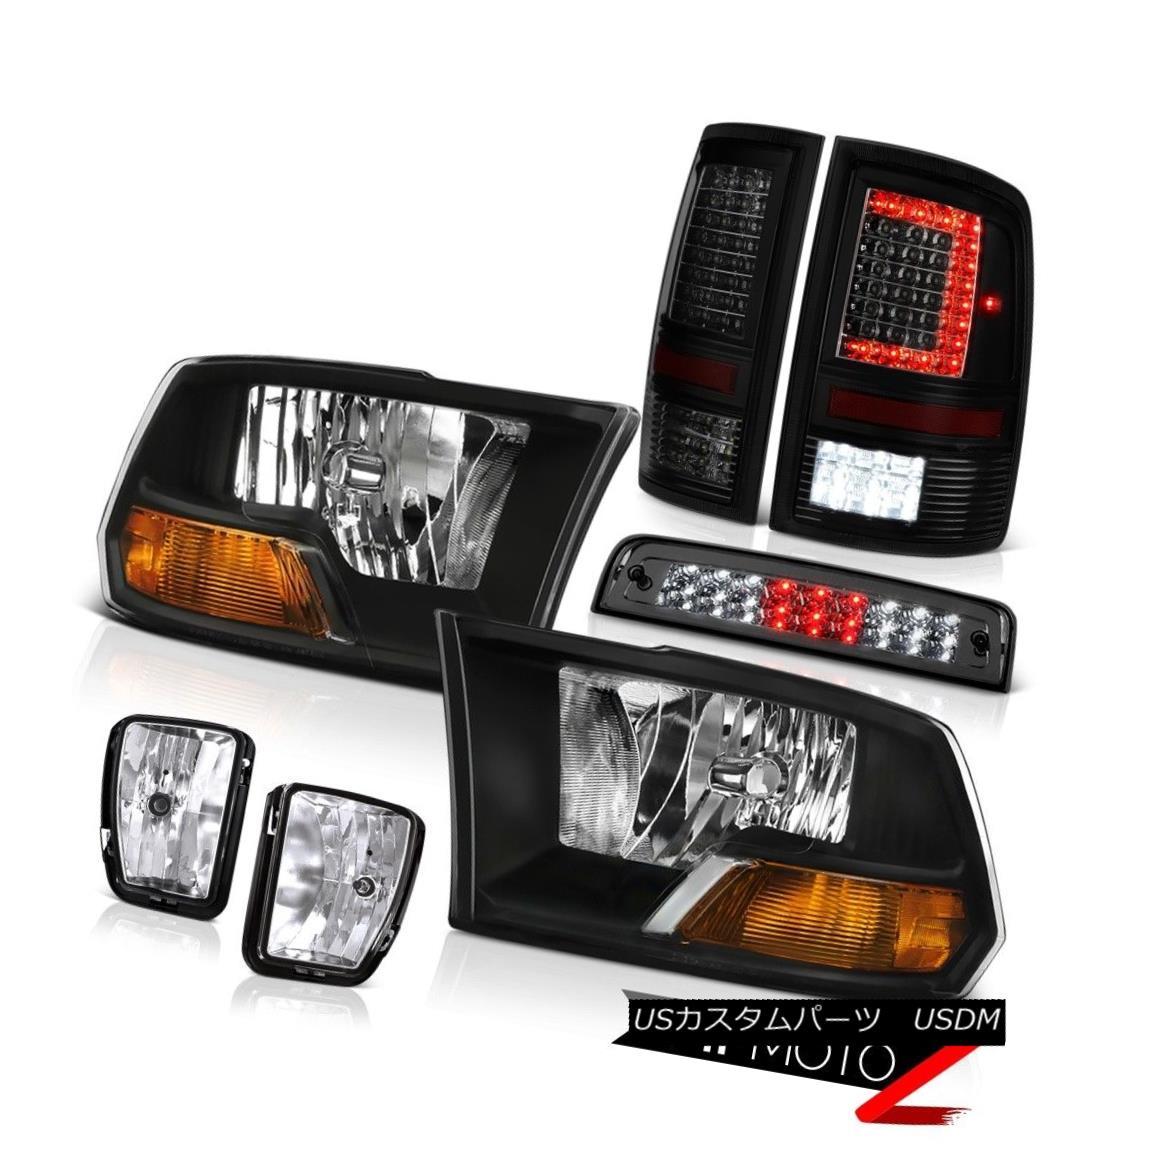 テールライト 13-18 Dodge RAM 1500 Tail Lamps 3rd Brake Lights Fog Factory Style Headlamps SET 13-18ダッジRAM 1500テールランプ第3ブレーキライトフォグ工場スタイルヘッドランプSET